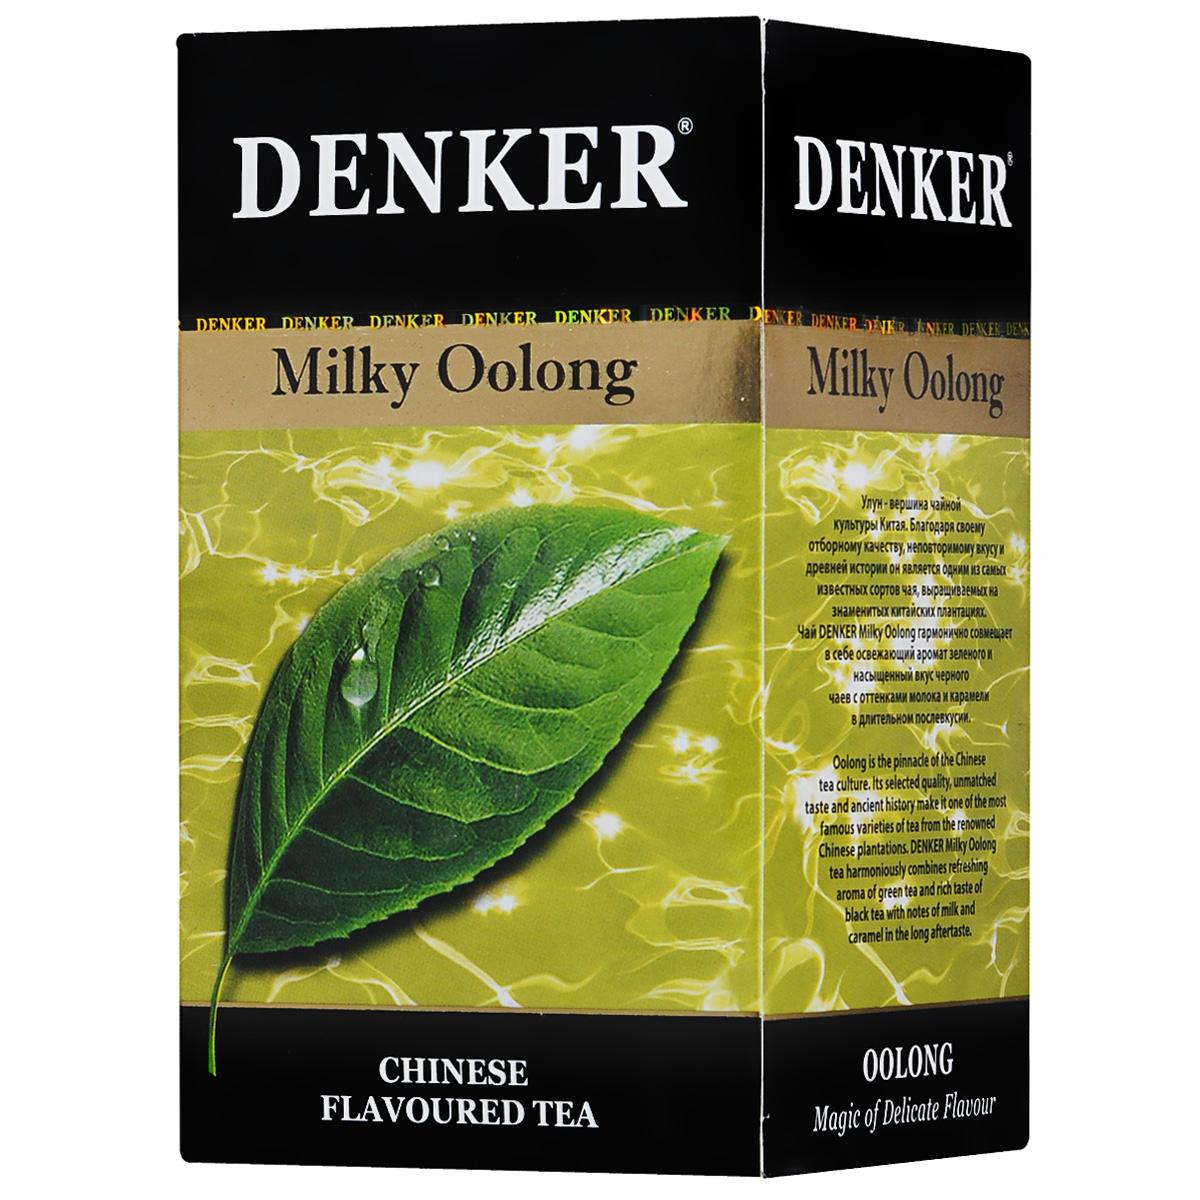 Denker Milky Oolong зеленый ароматизированный чай в пакетиках, 20 шт0120710Чай Denker Milky Oolong гармонично совмещает в себе освежающий аромат зеленого и насыщенный вкус черного чаев с оттенками молока и карамели в длительном послевкусии.Улун - вершина чайной культуры Китая. Благодаря своему отборному качеству, неповторимому вкусу и древней истории он является одним из самых известных сортов чая, выращиваемых на знаменитых китайских плантациях.